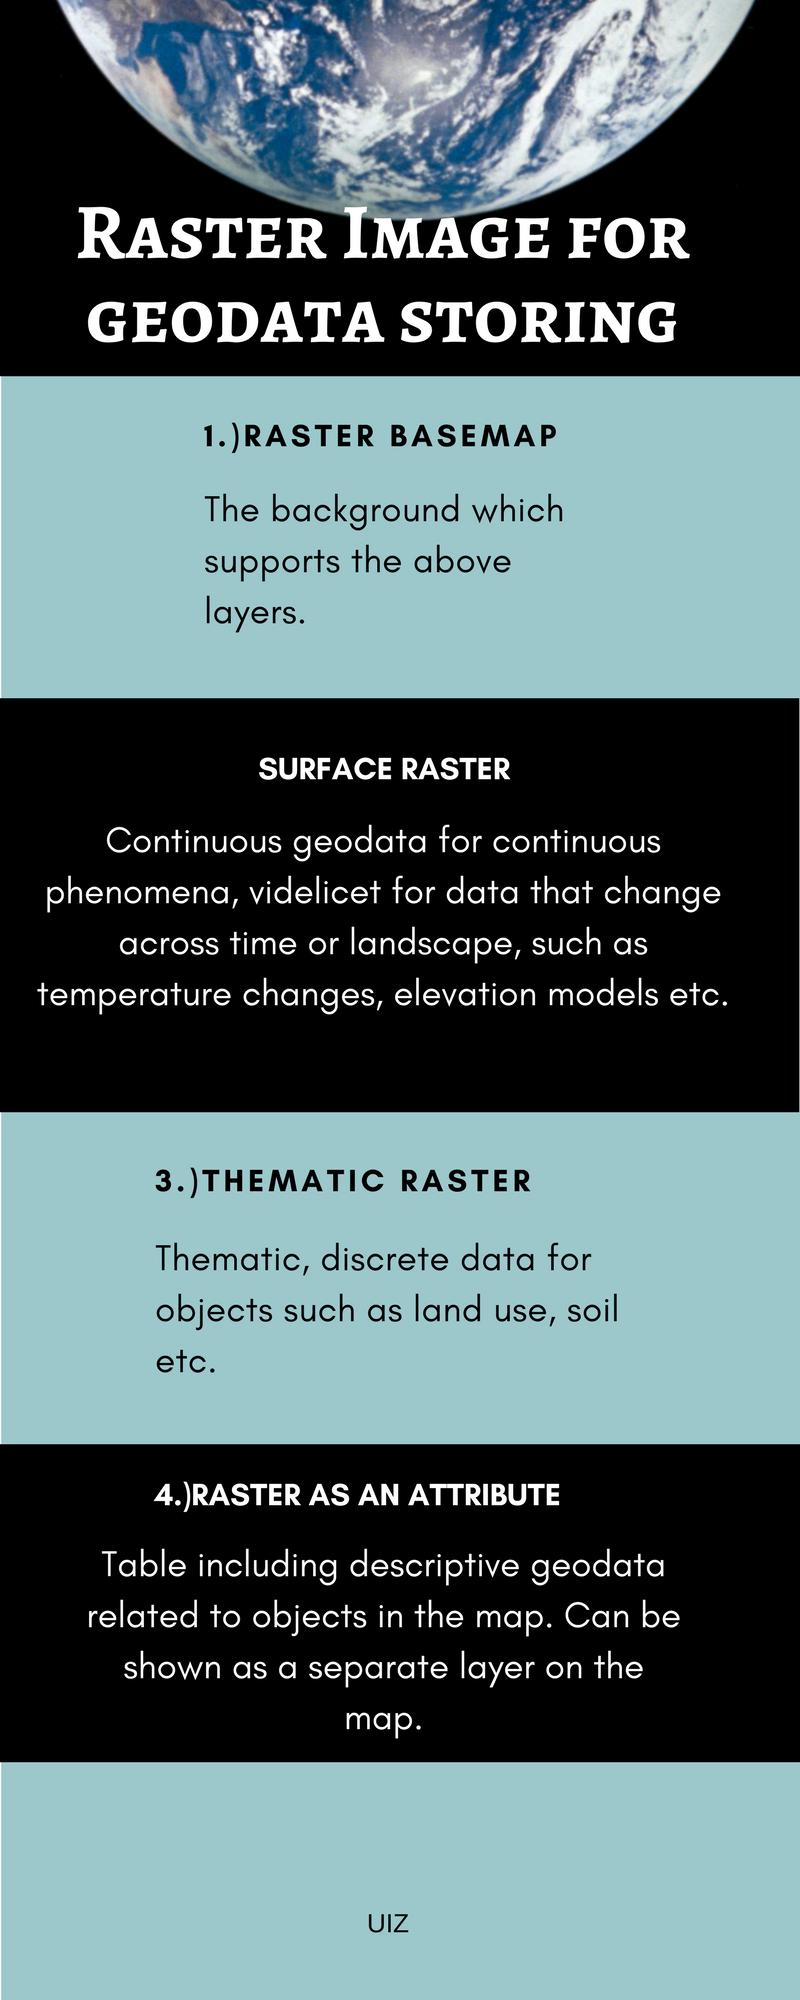 Raster Image for geodata storing